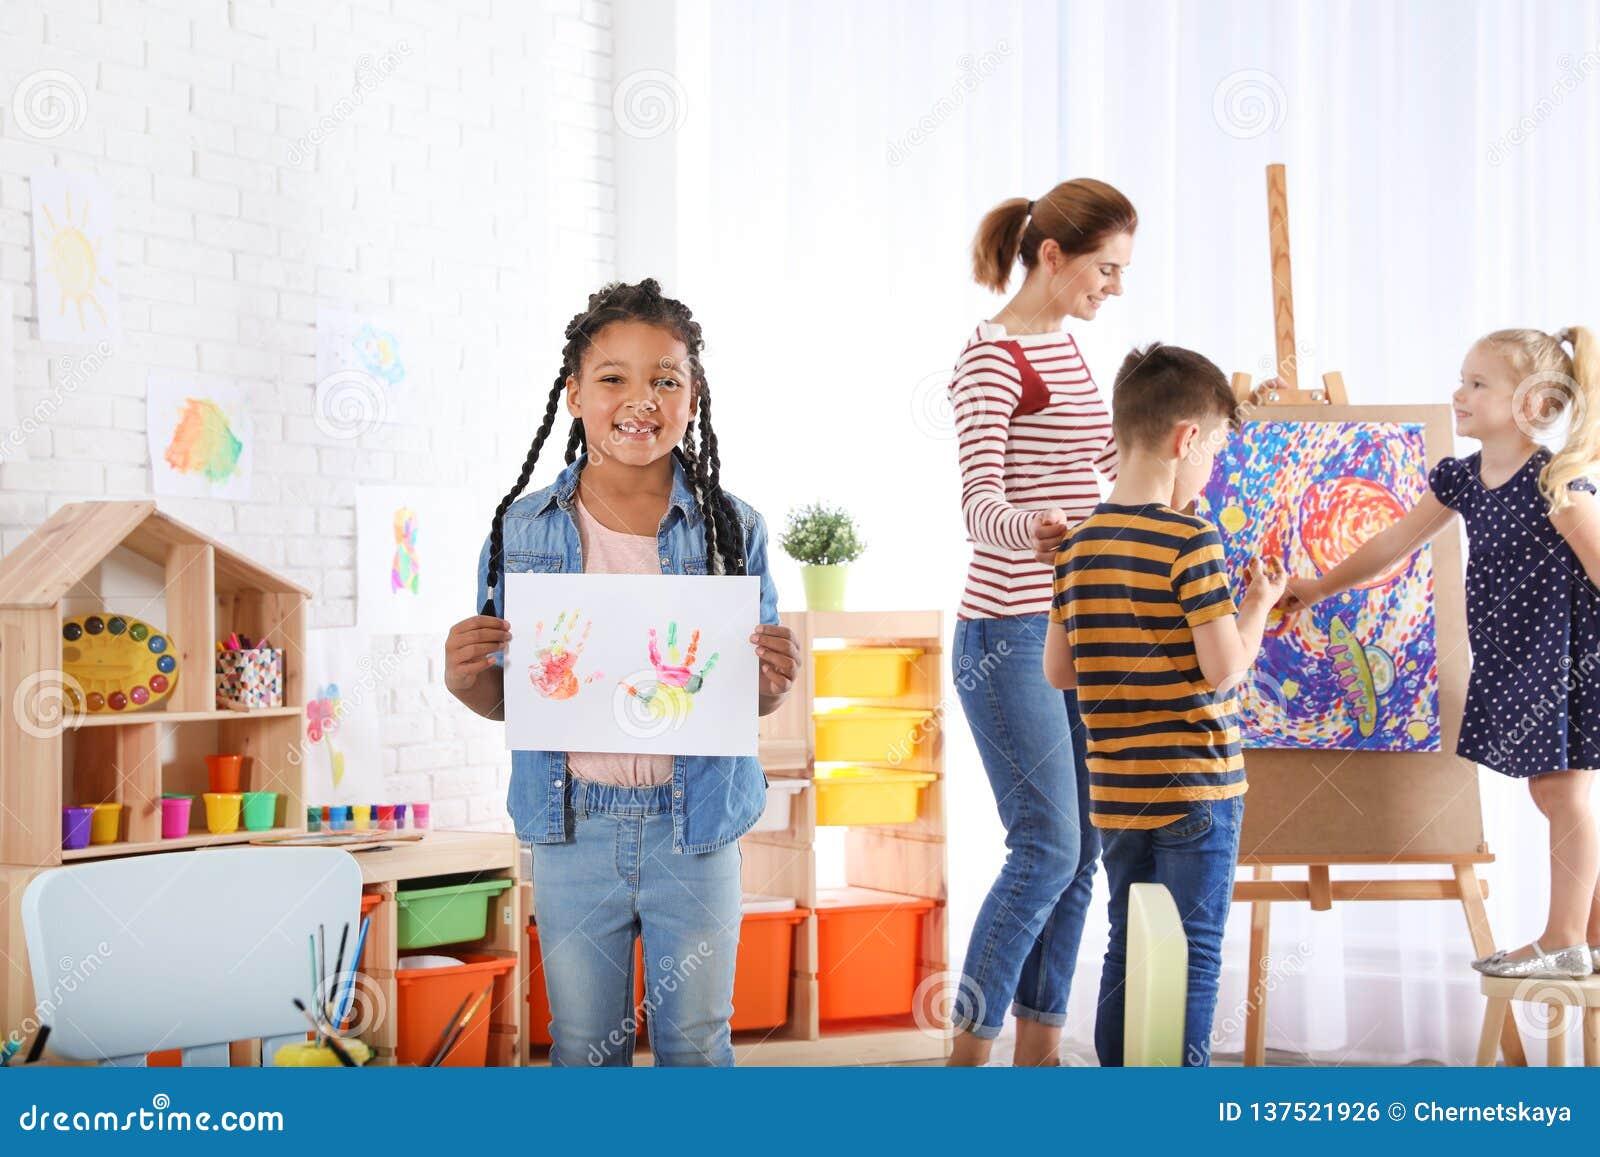 Nettes kleines Kindervertretungsblatt papier mit bunten Handabdrücken zuhause